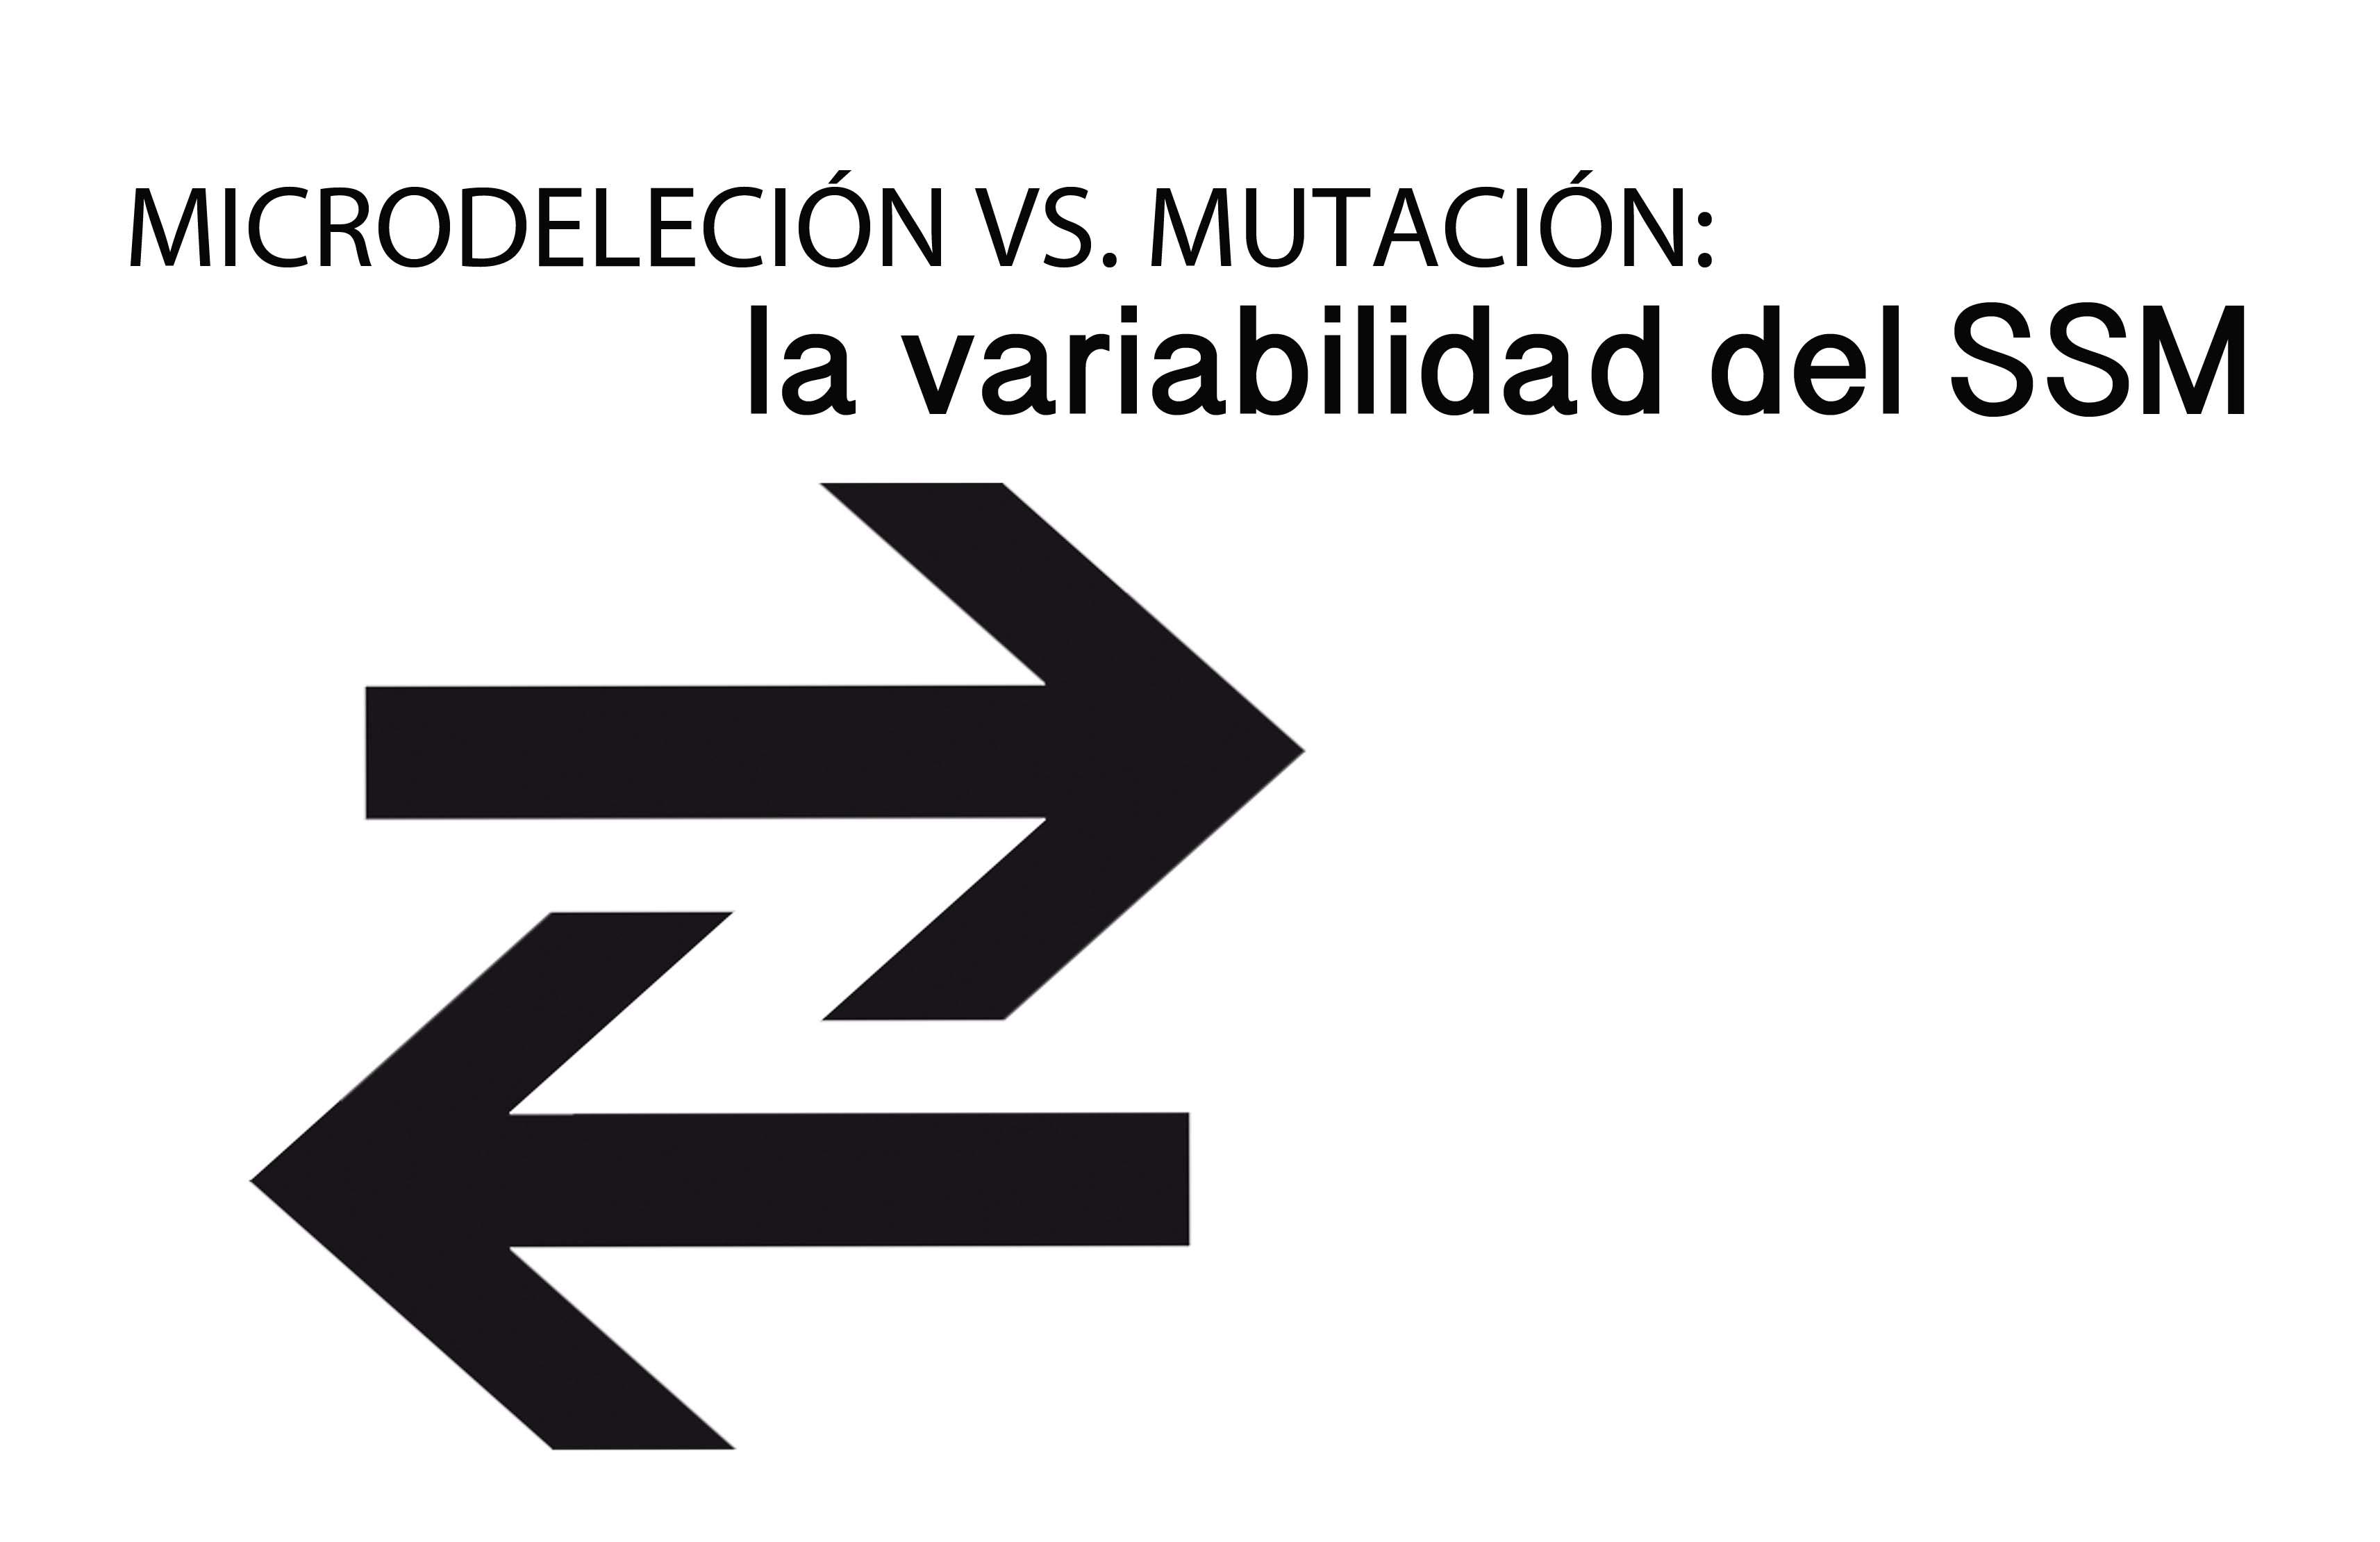 MICRODELECIÓN VS. MUTACIÓN: LA VARIABILIDAD DEL SSM